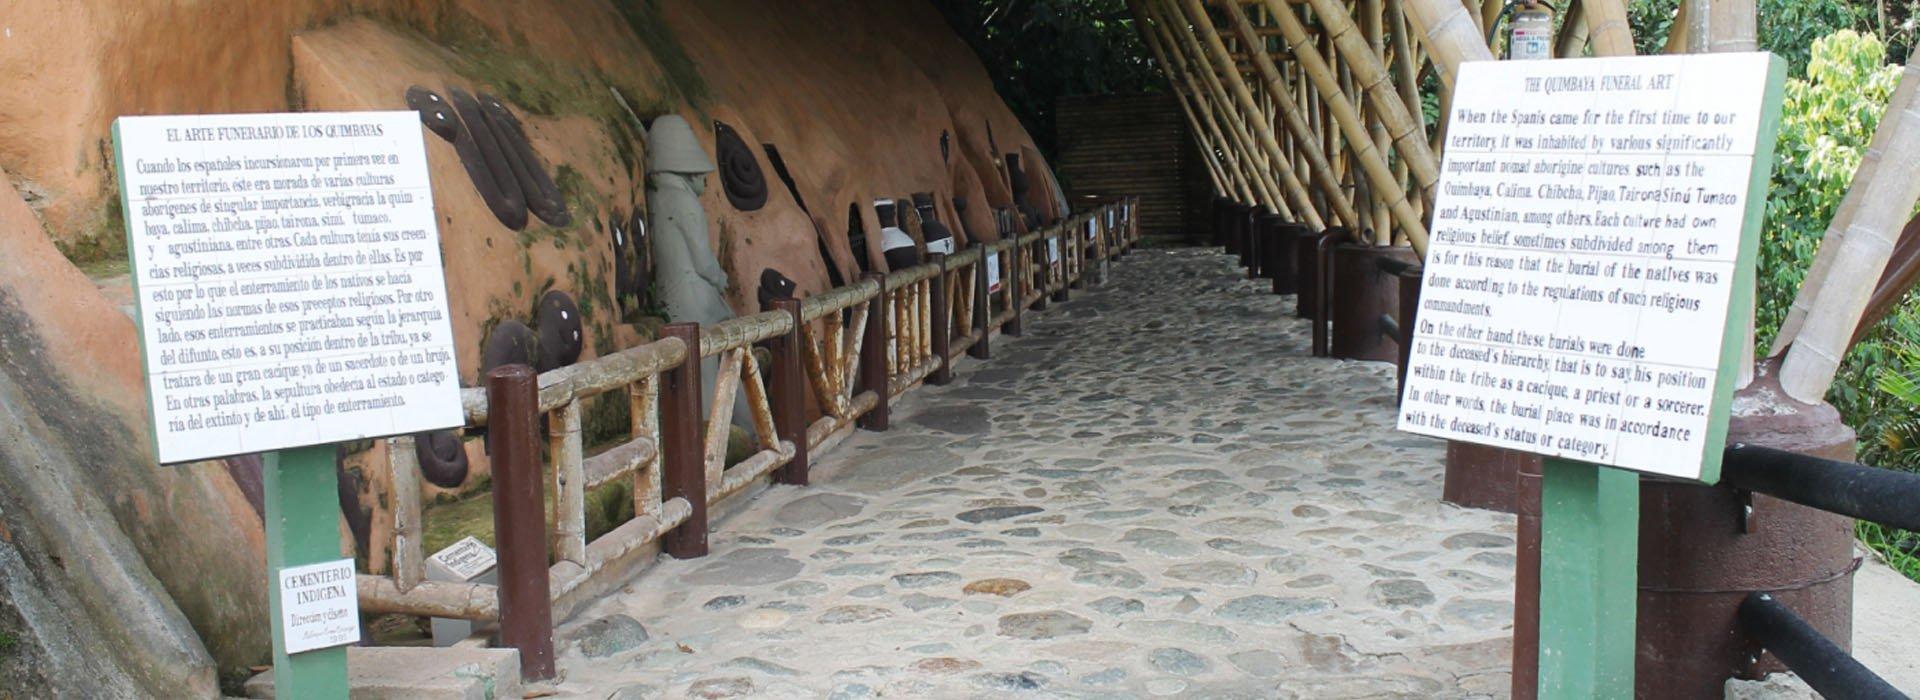 Atracción Cementerio Indifgena